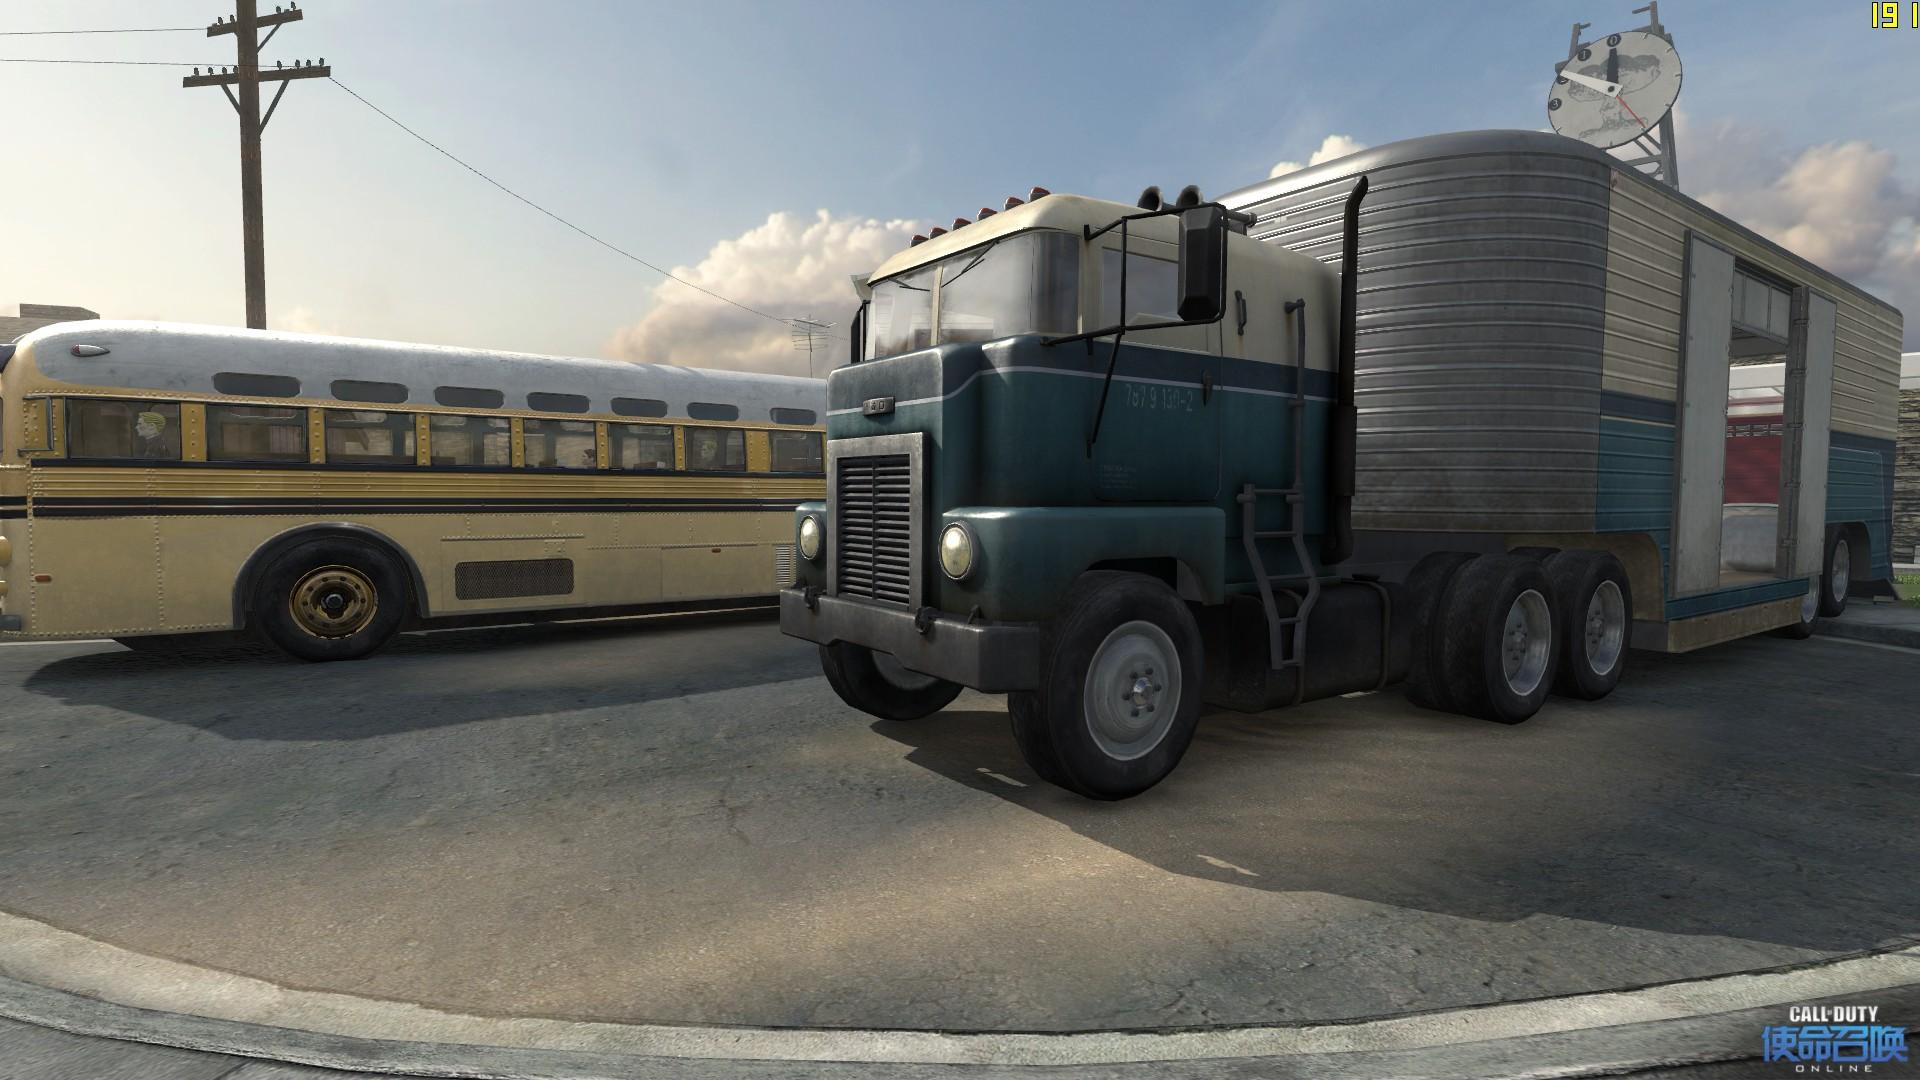 老式卡车_6.老式卡车(已放弃查找原型.估计没有)